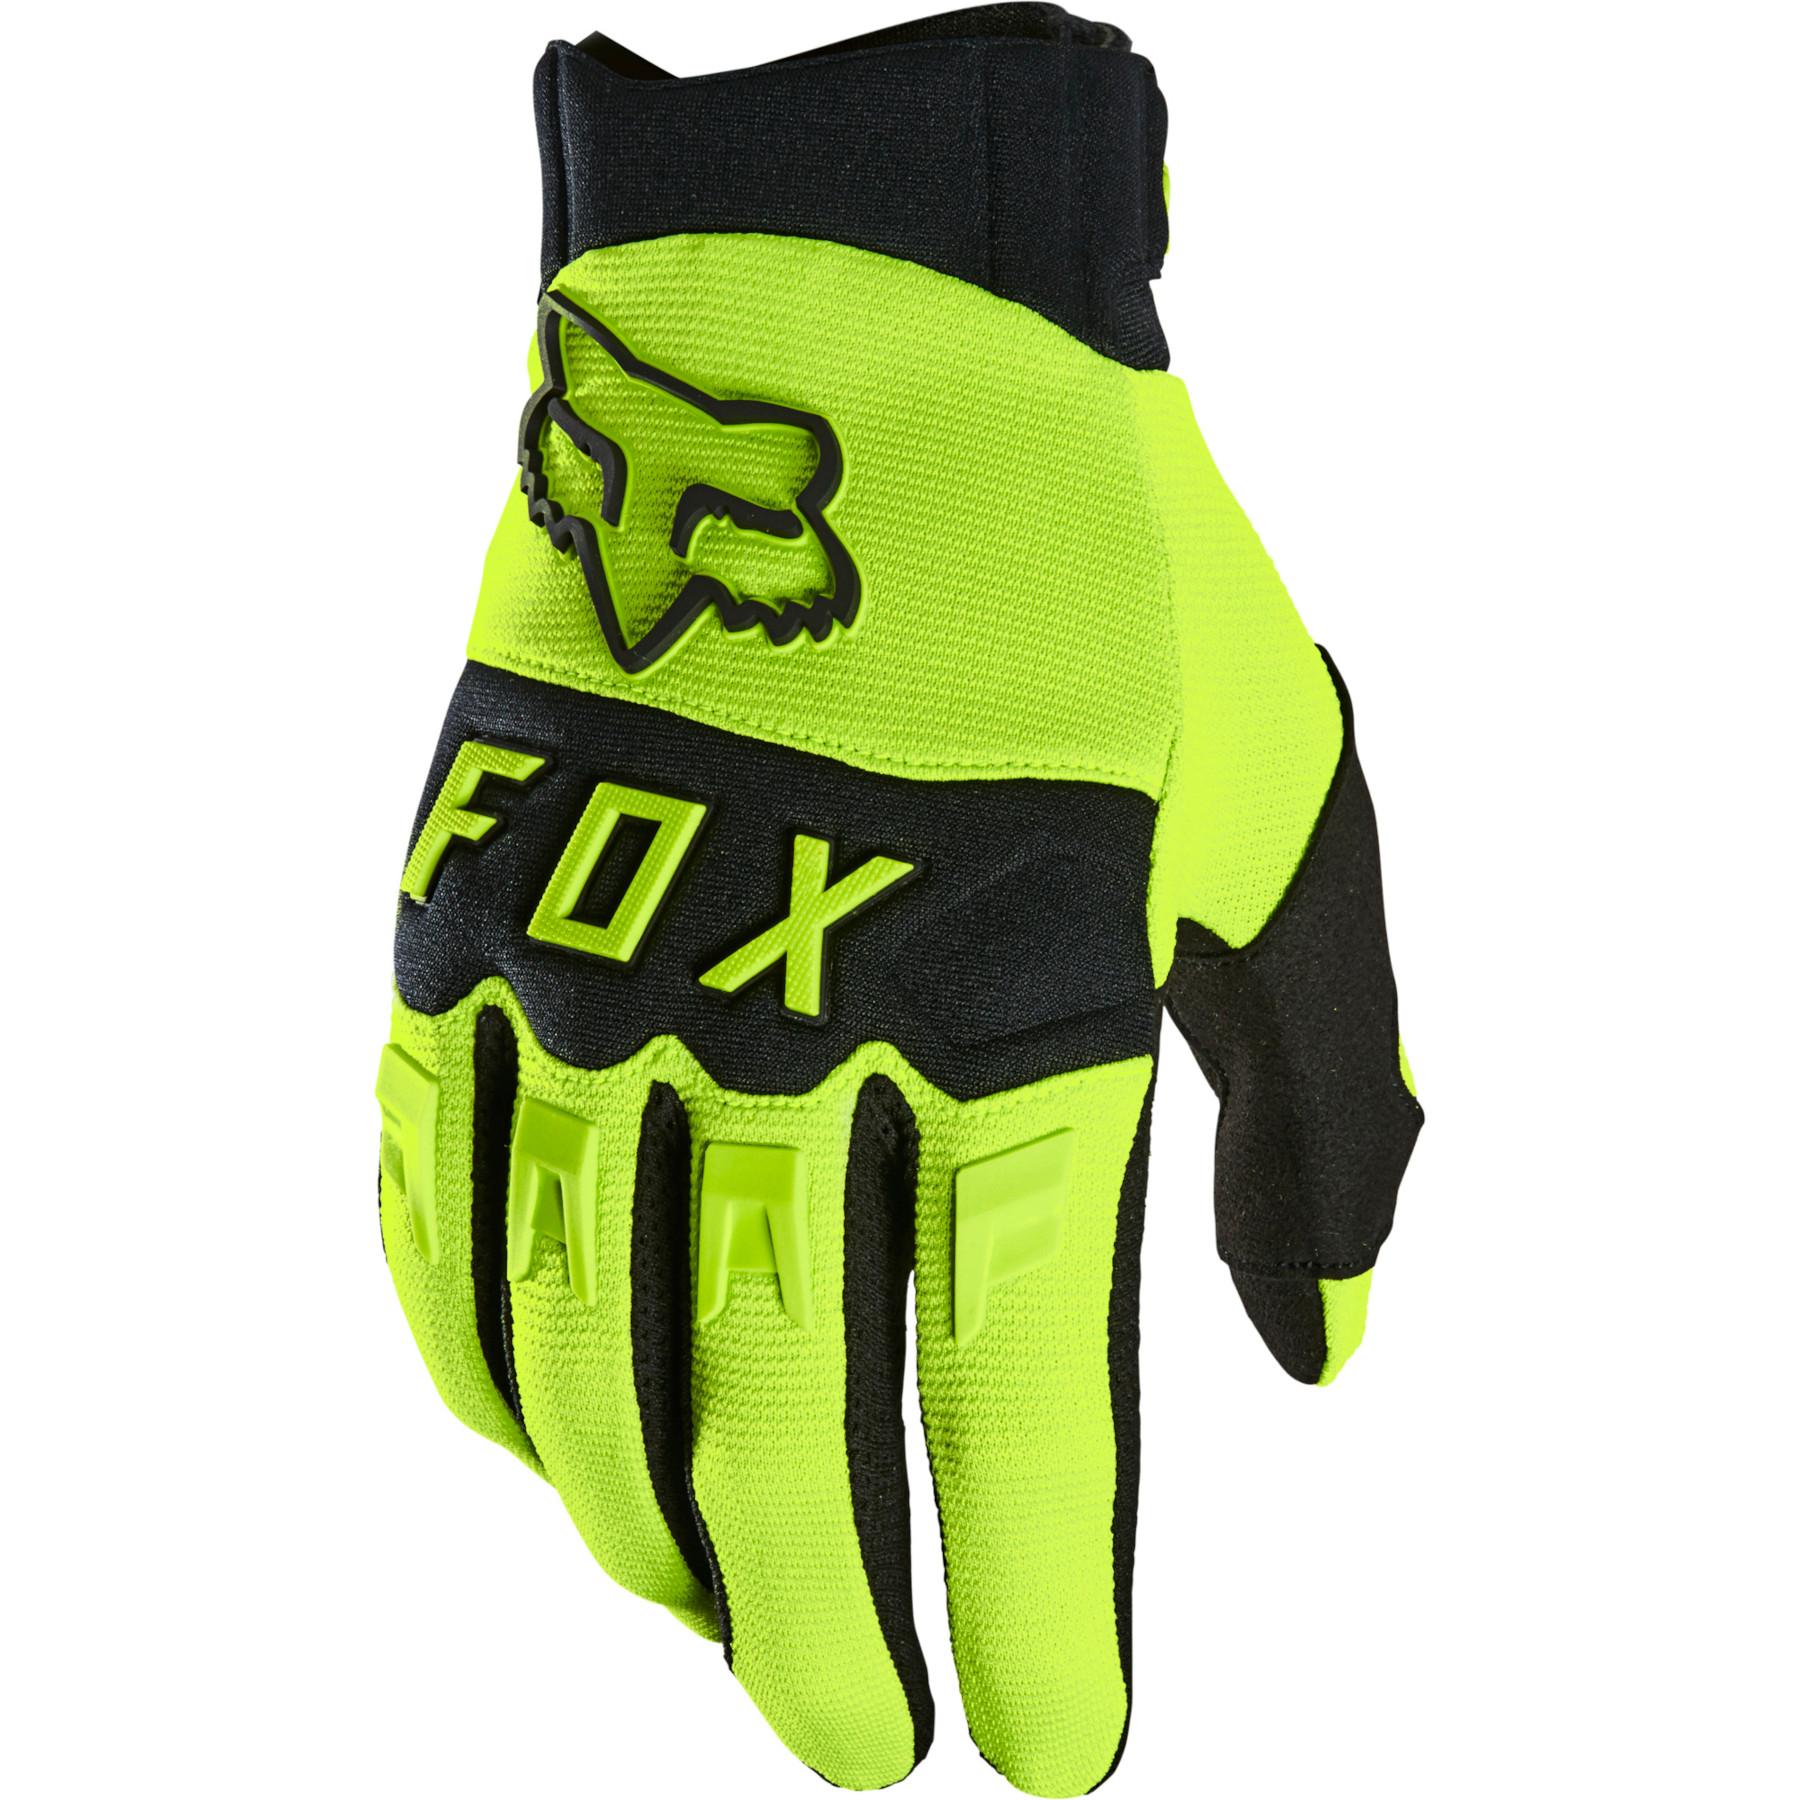 FOX Dirtpaw MTB Full Finger Gloves - flo yellow